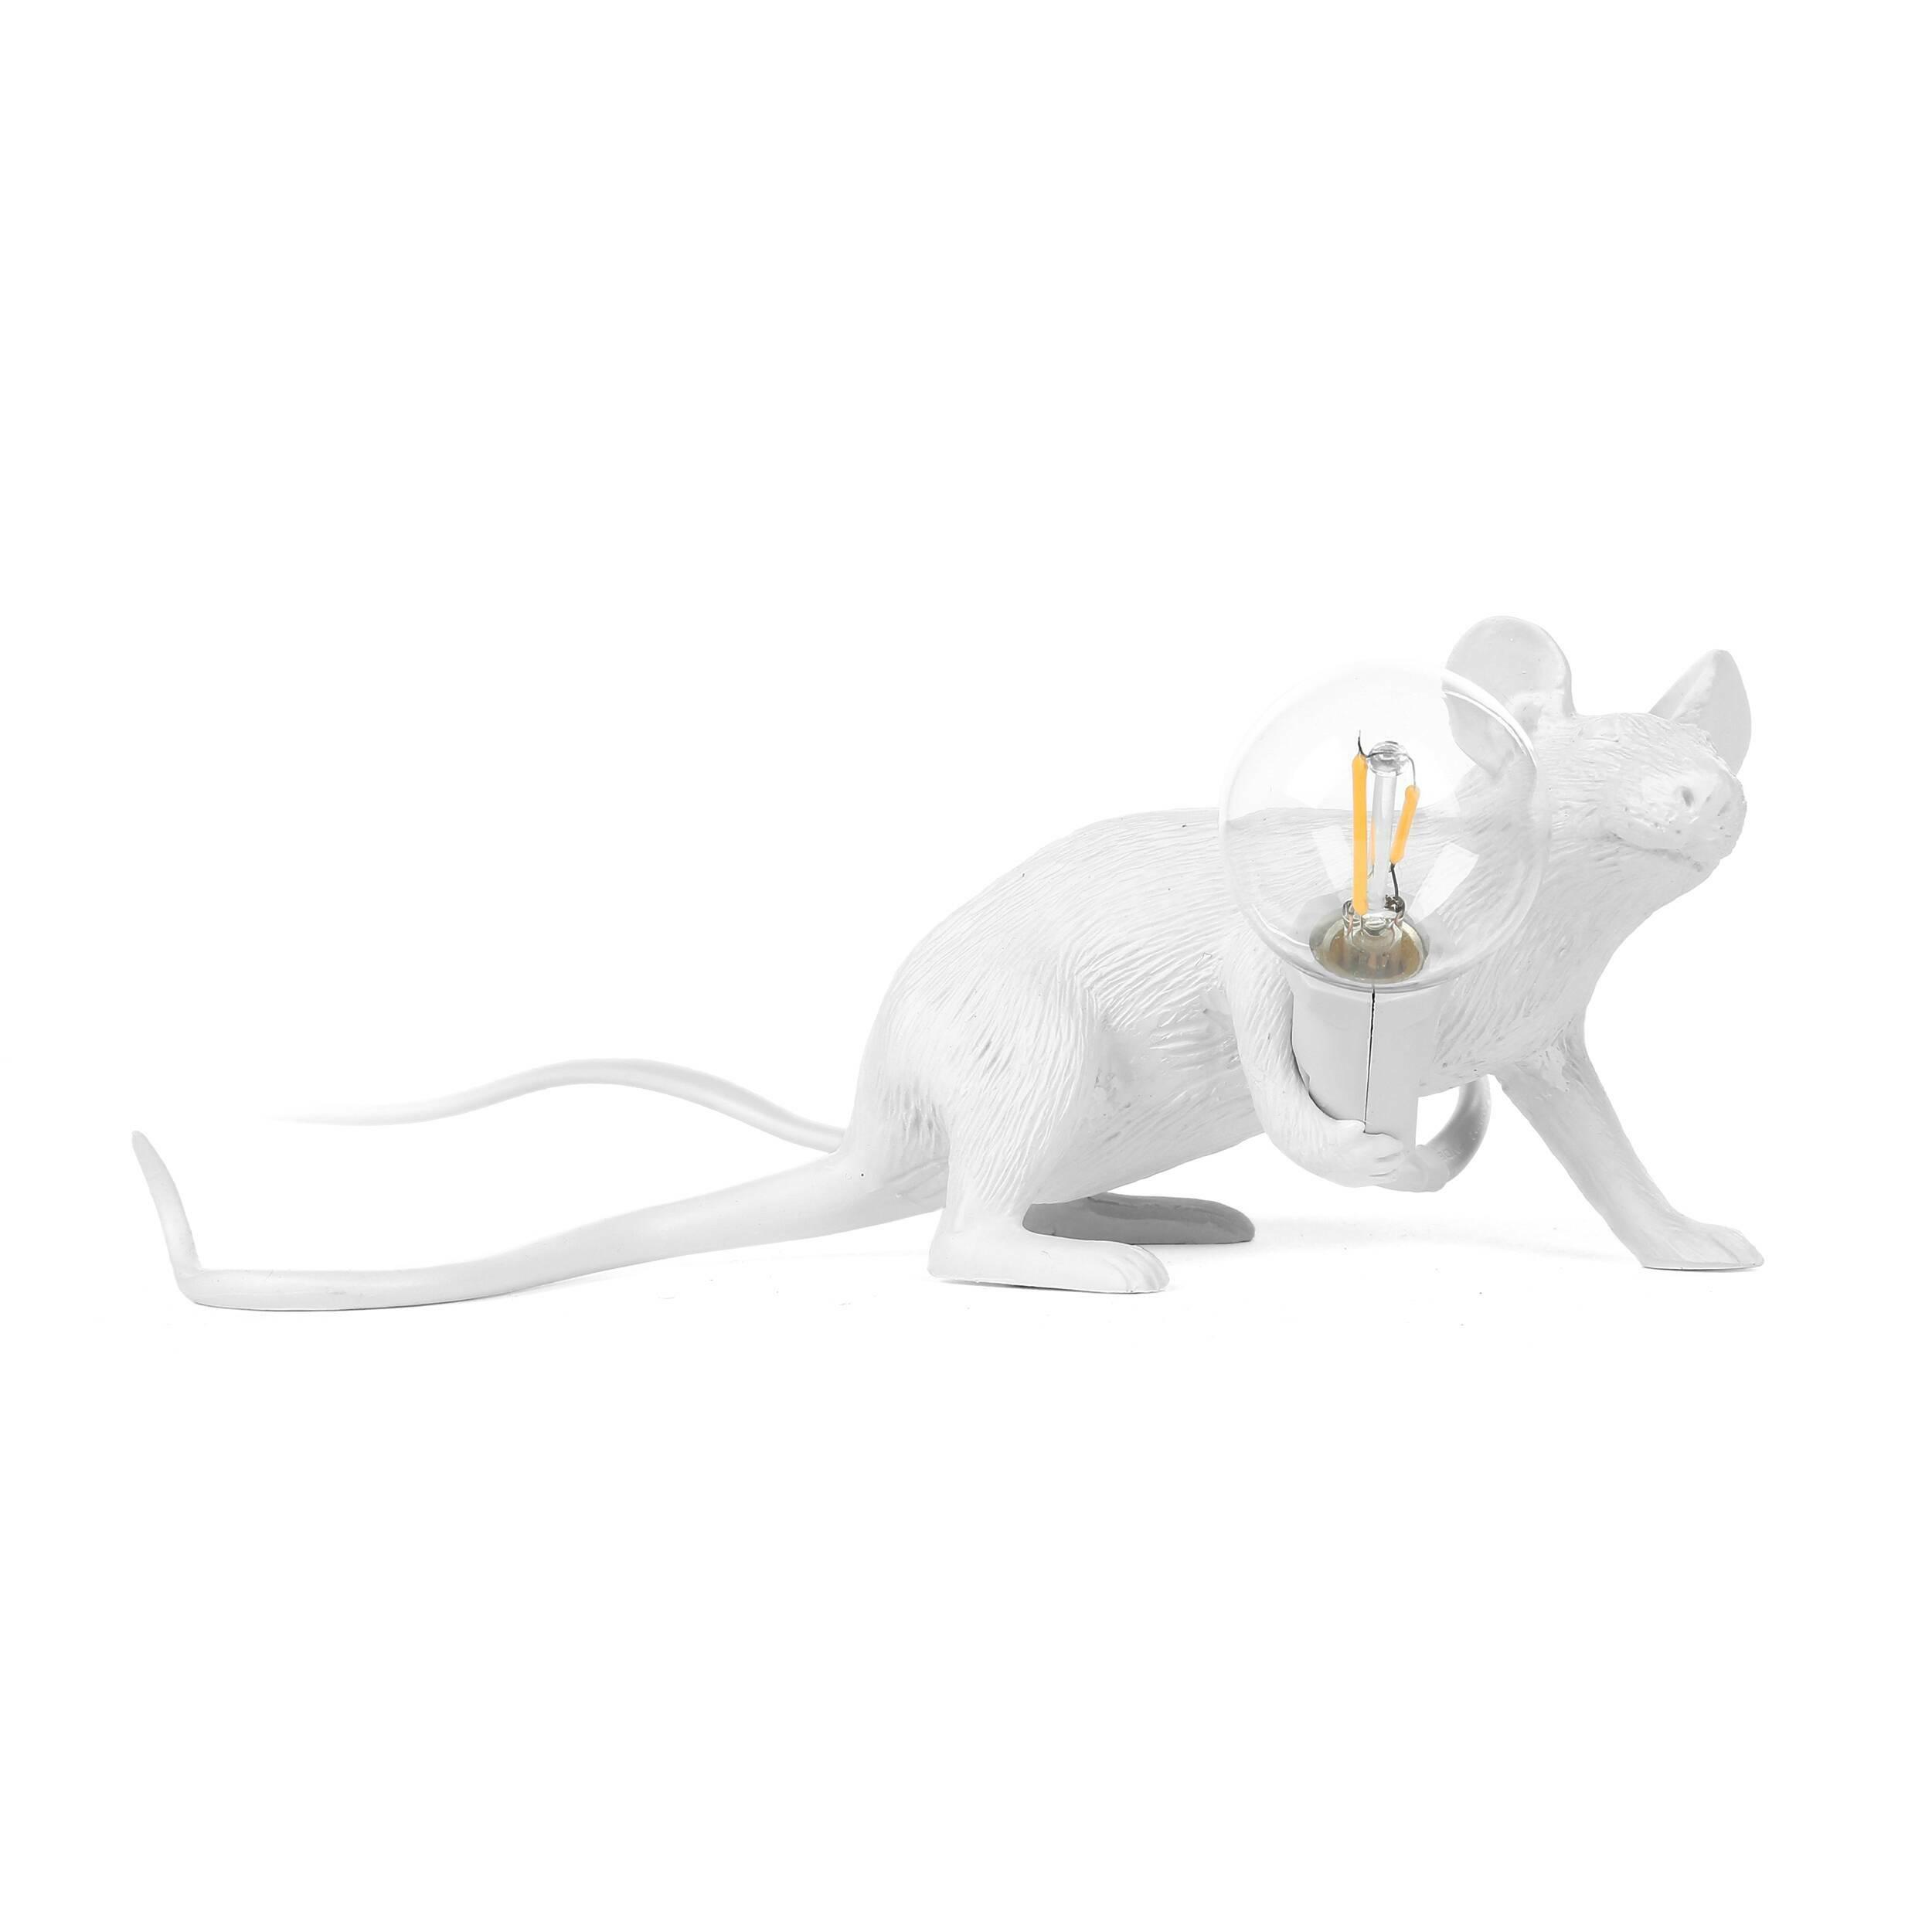 Настольная лампа Seletti 15579633 от Cosmorelax